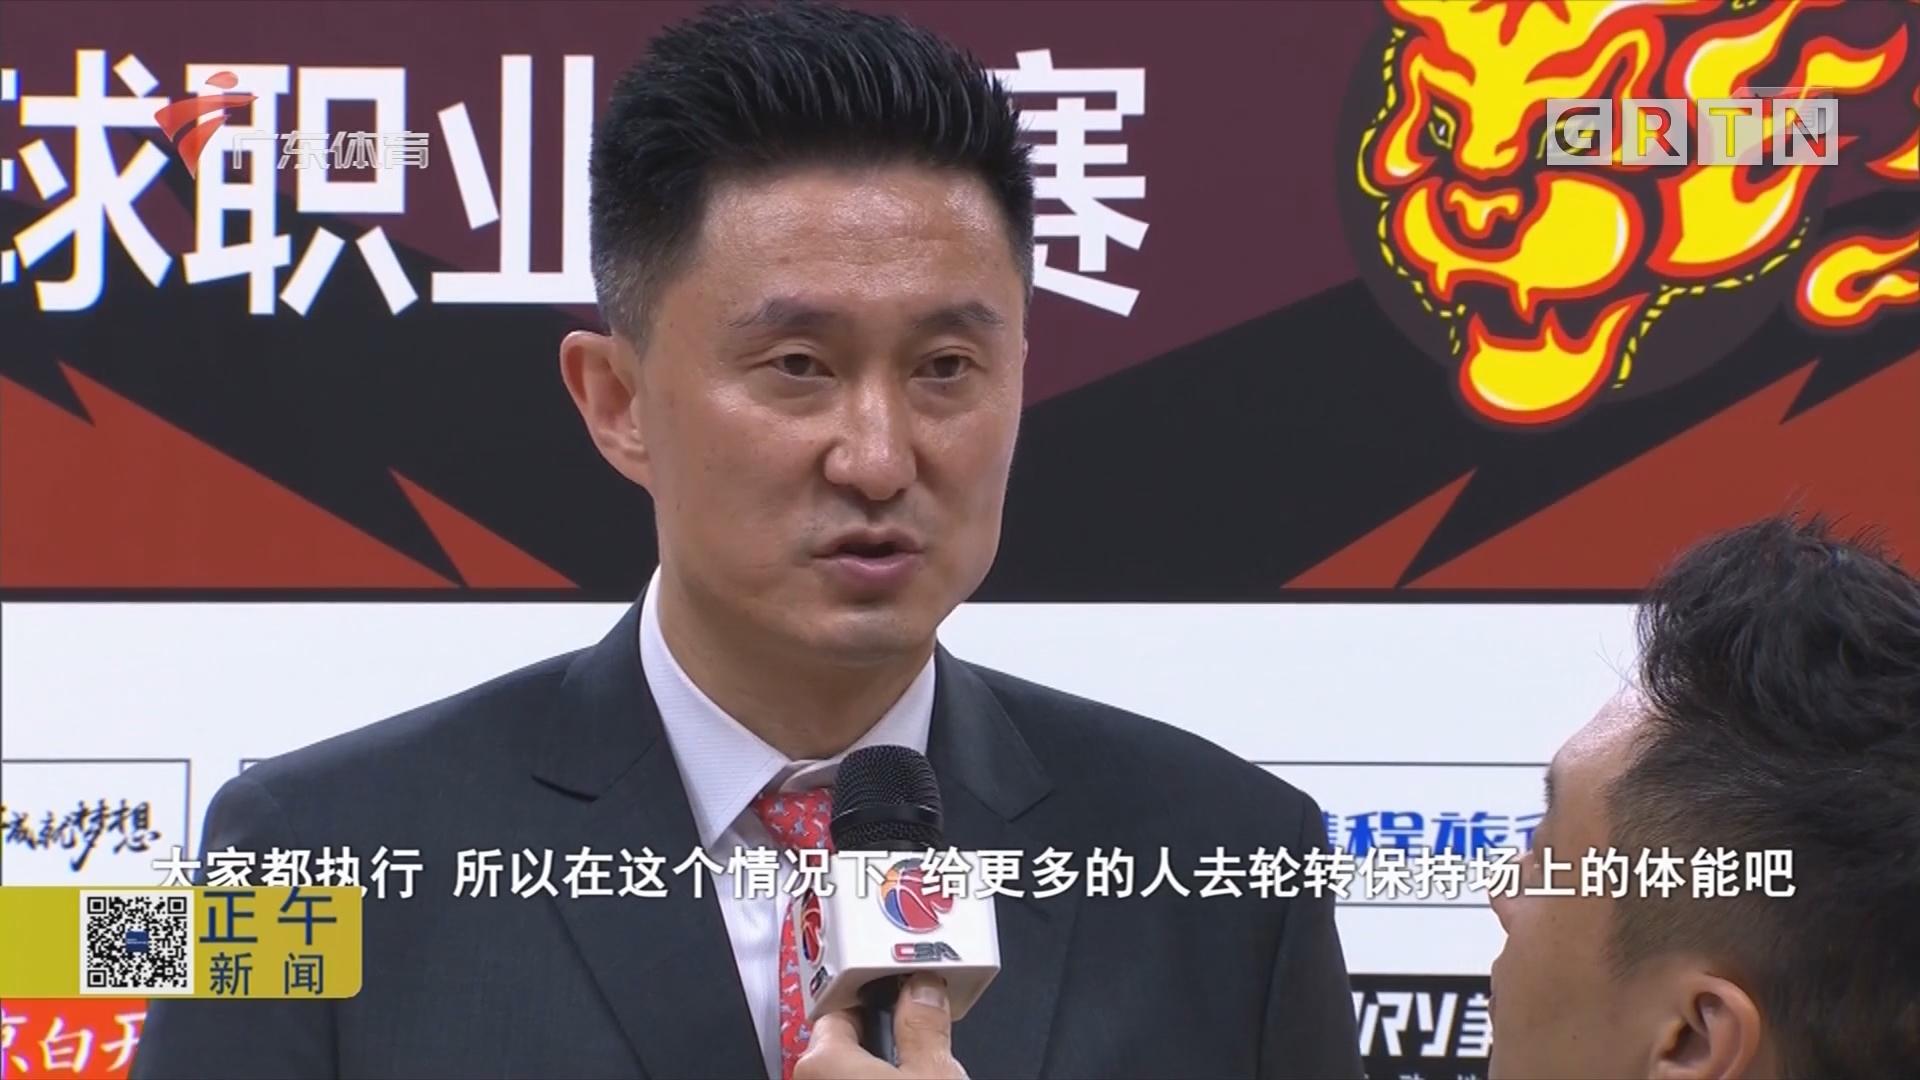 广东继续大胜 年轻球员表现得到杜锋表扬